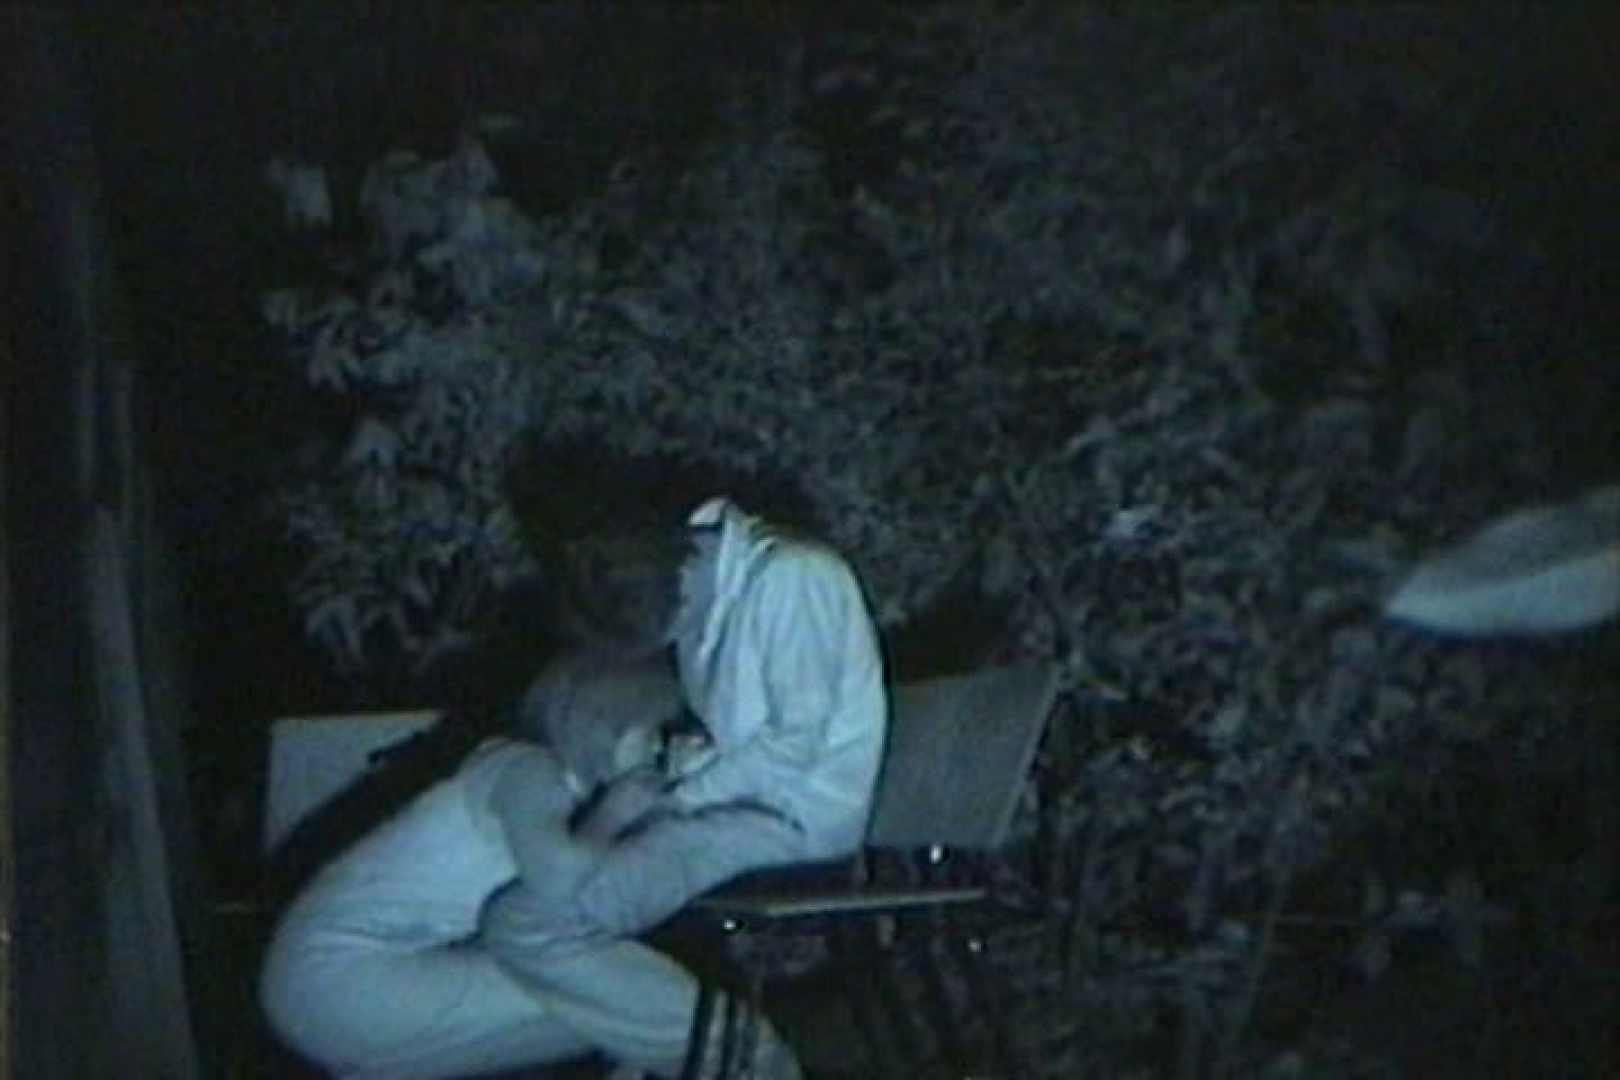 闇の仕掛け人 無修正版 Vol.24 すけべなOL オマンコ無修正動画無料 102画像 97